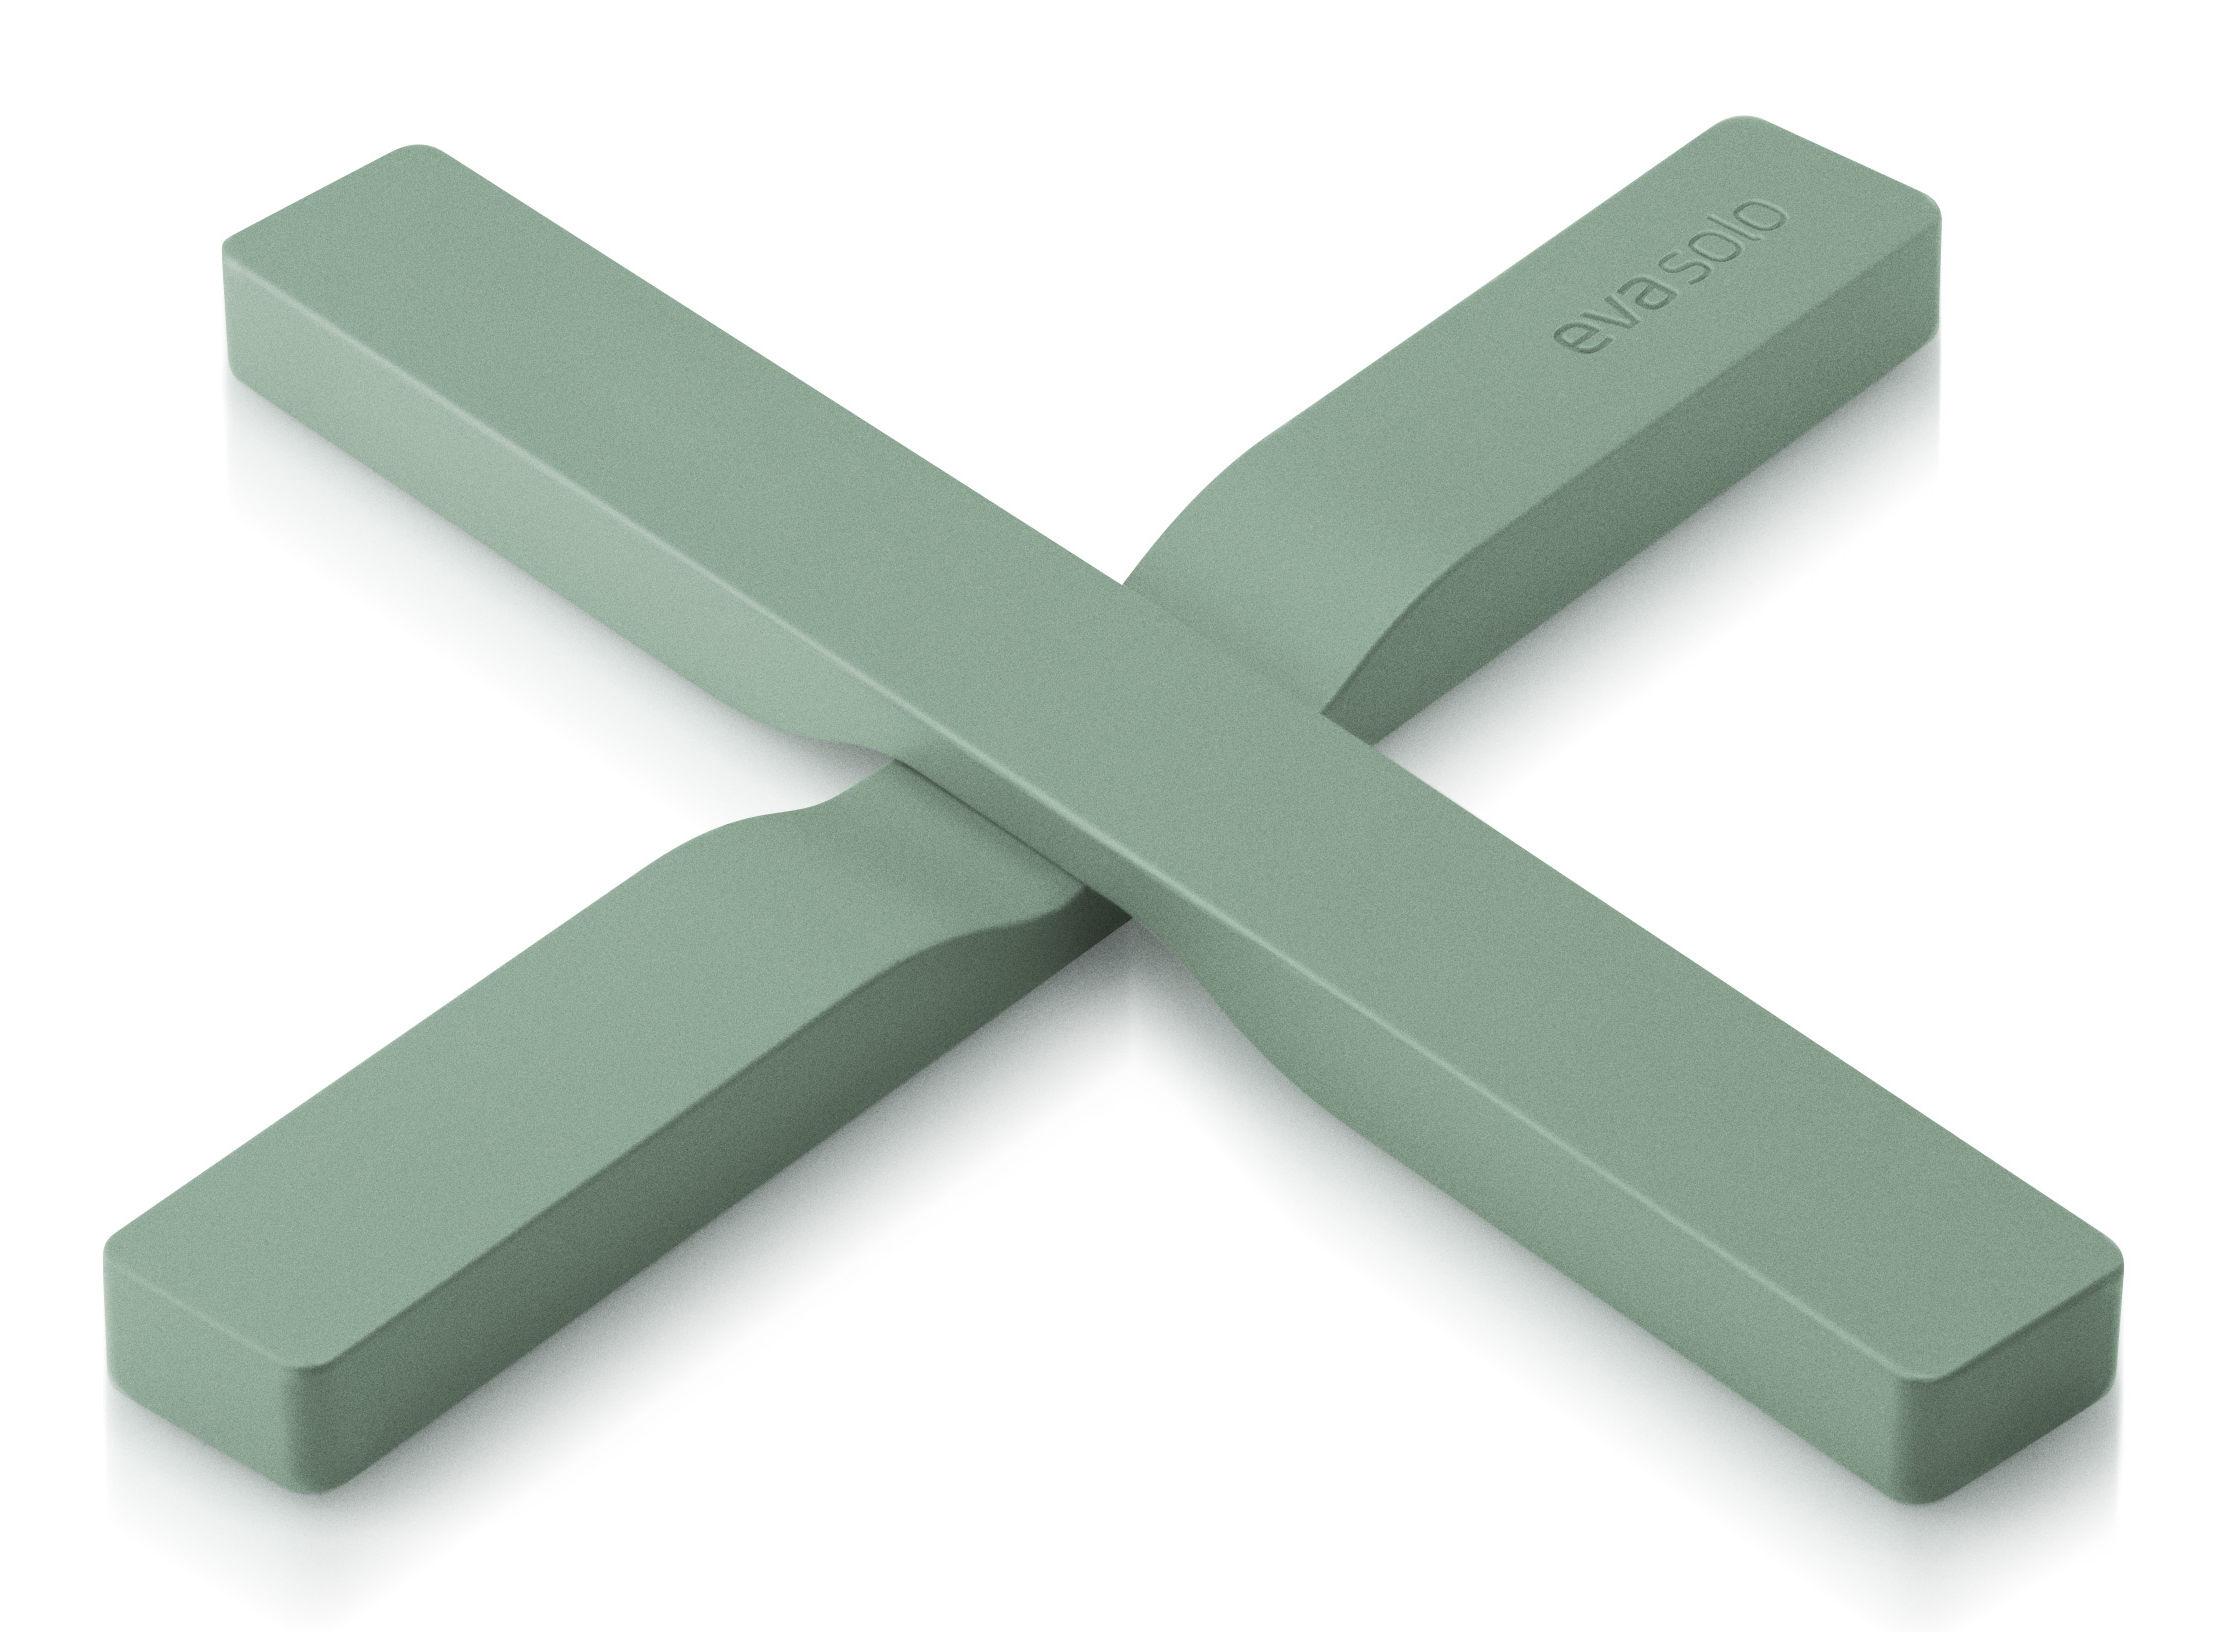 Tavola - Sottopiatti - Sottopentola magnetico - Eva Solo - Verde granito - Nylon, Silicone